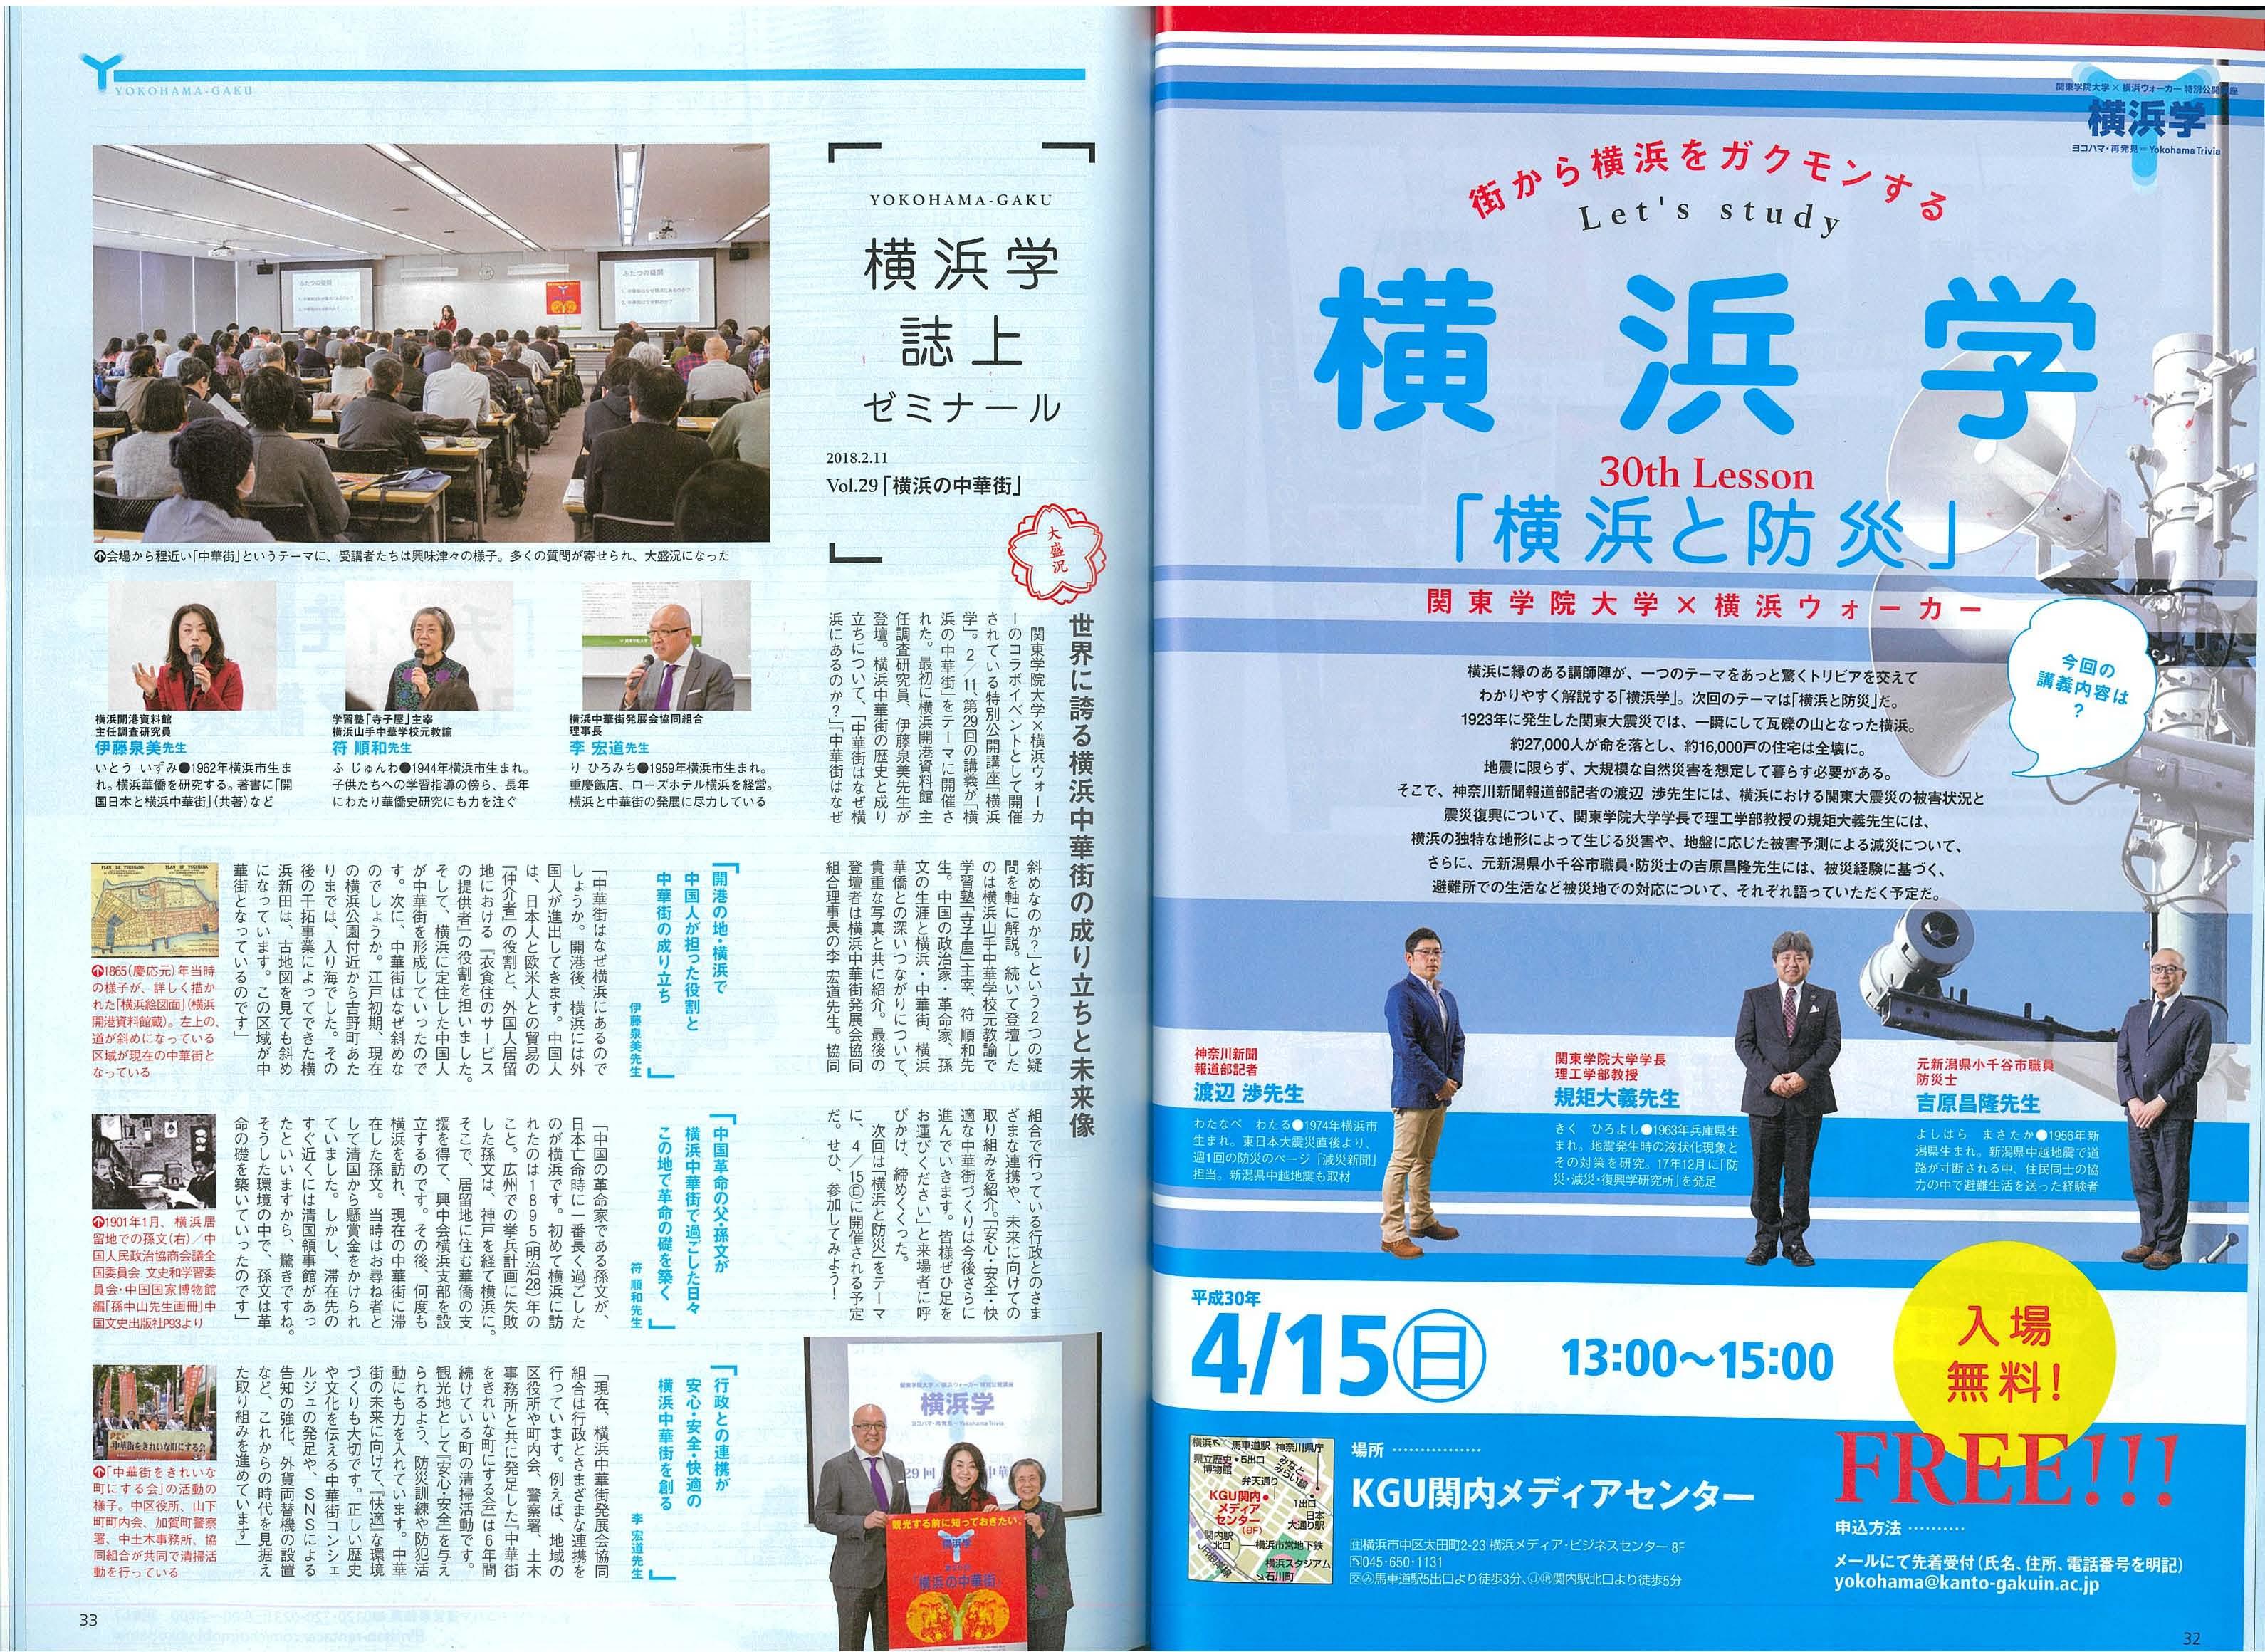 横浜ウォーカー 2018春・GW 2018年3月19日発行 横浜学「横浜の中華街」